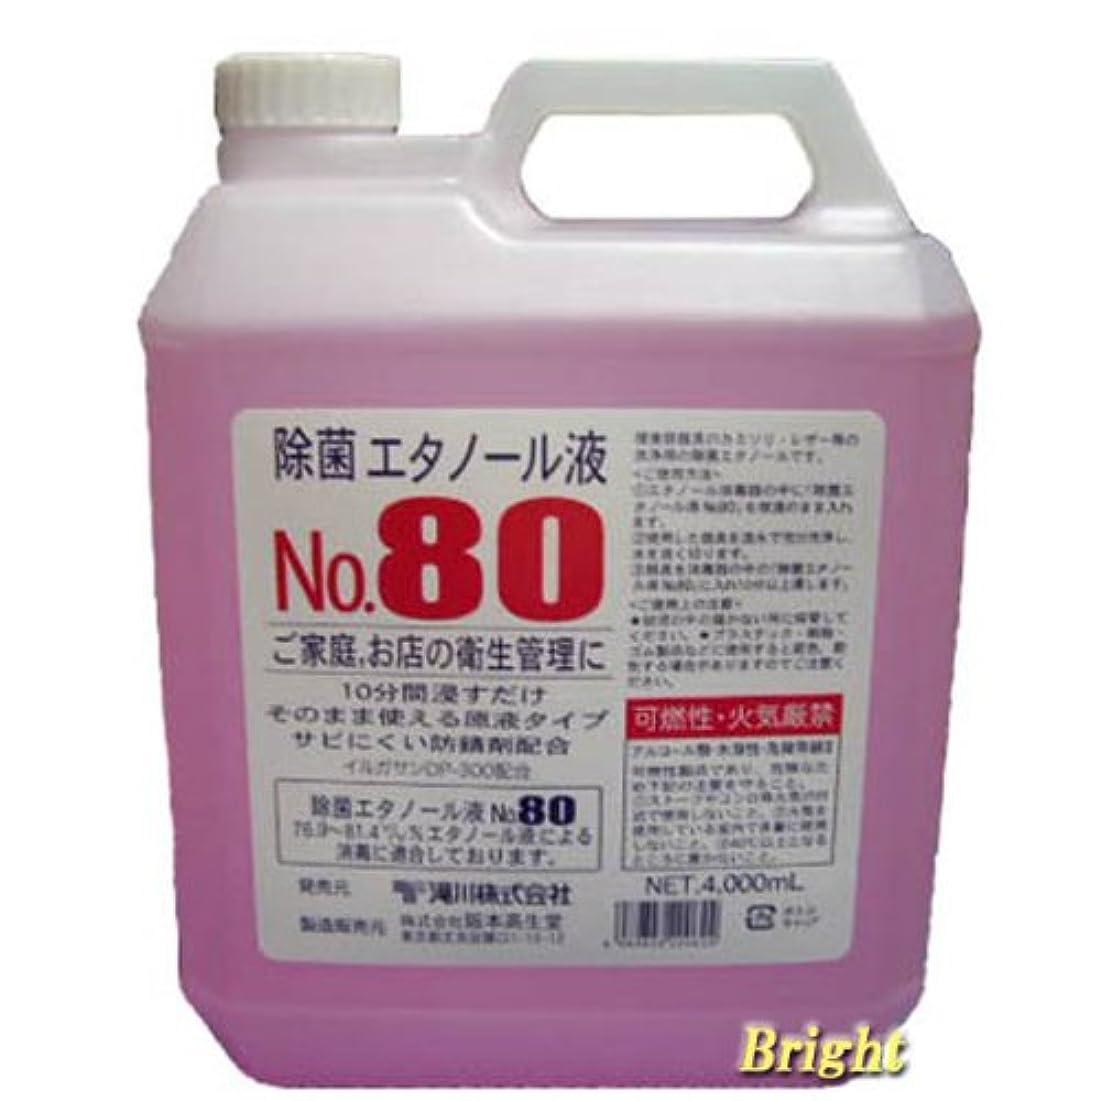 一般的なリードエチケット除菌エタノール液NO.80 4000ml